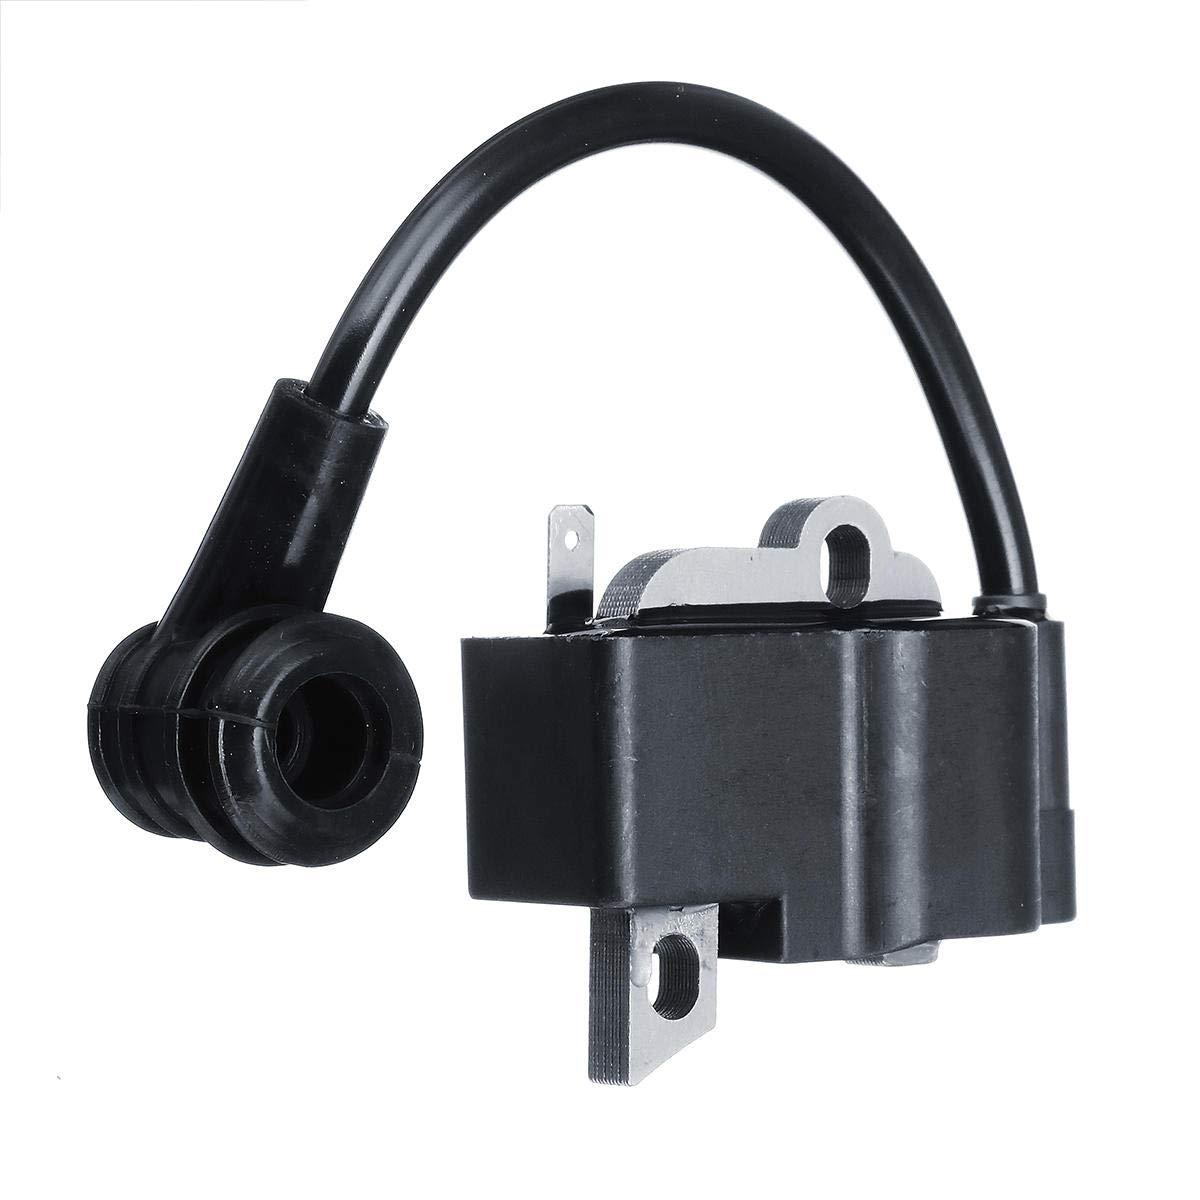 Bobine dallumage pour Tondeuse Stihl FS40 FS50 FS56 FS56C KM56C